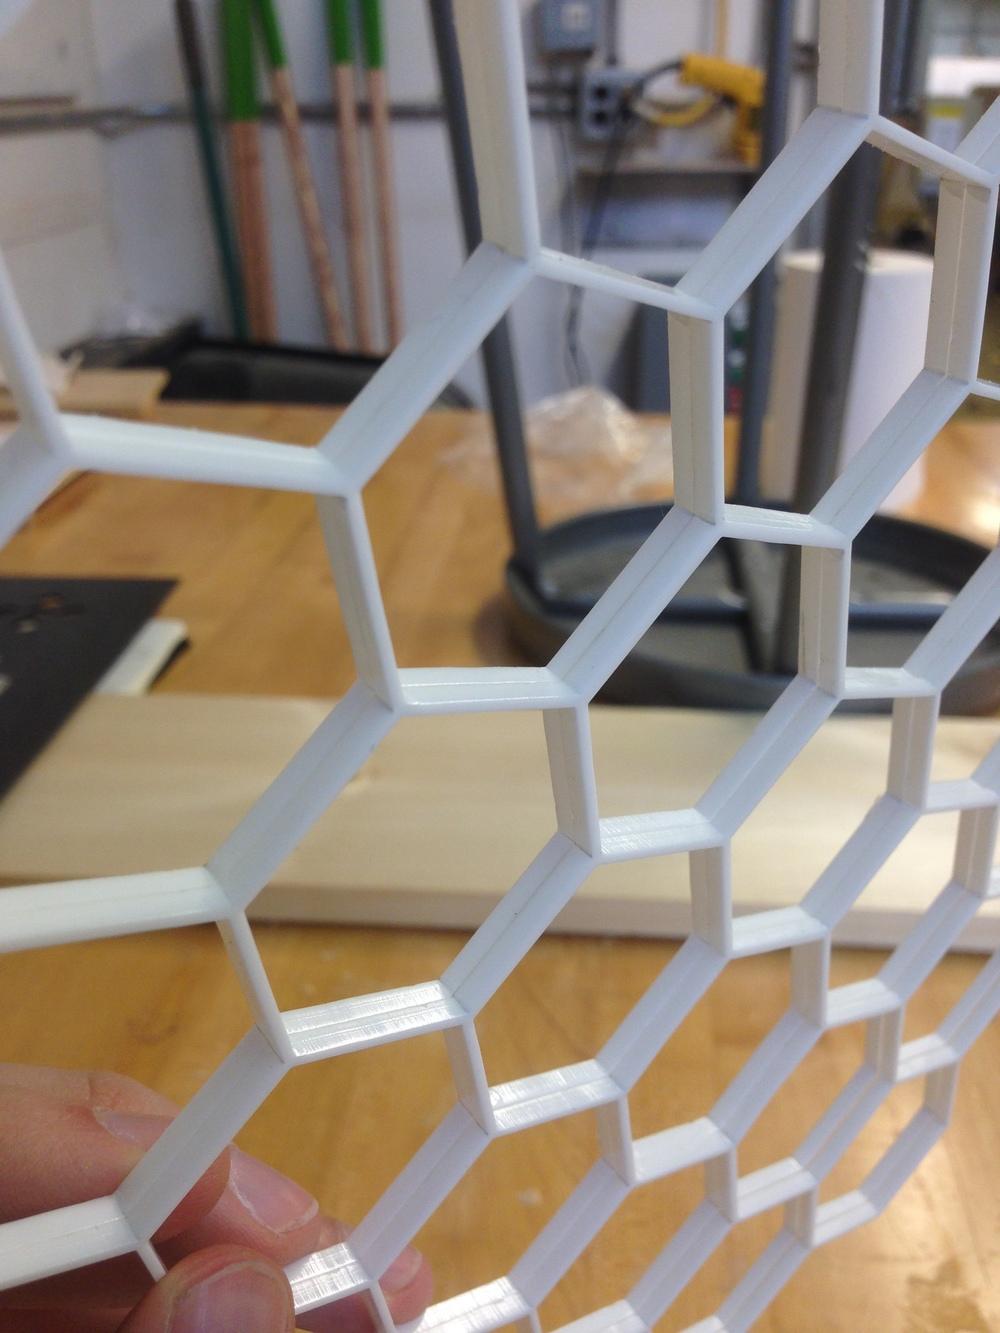 The honeycomb walls